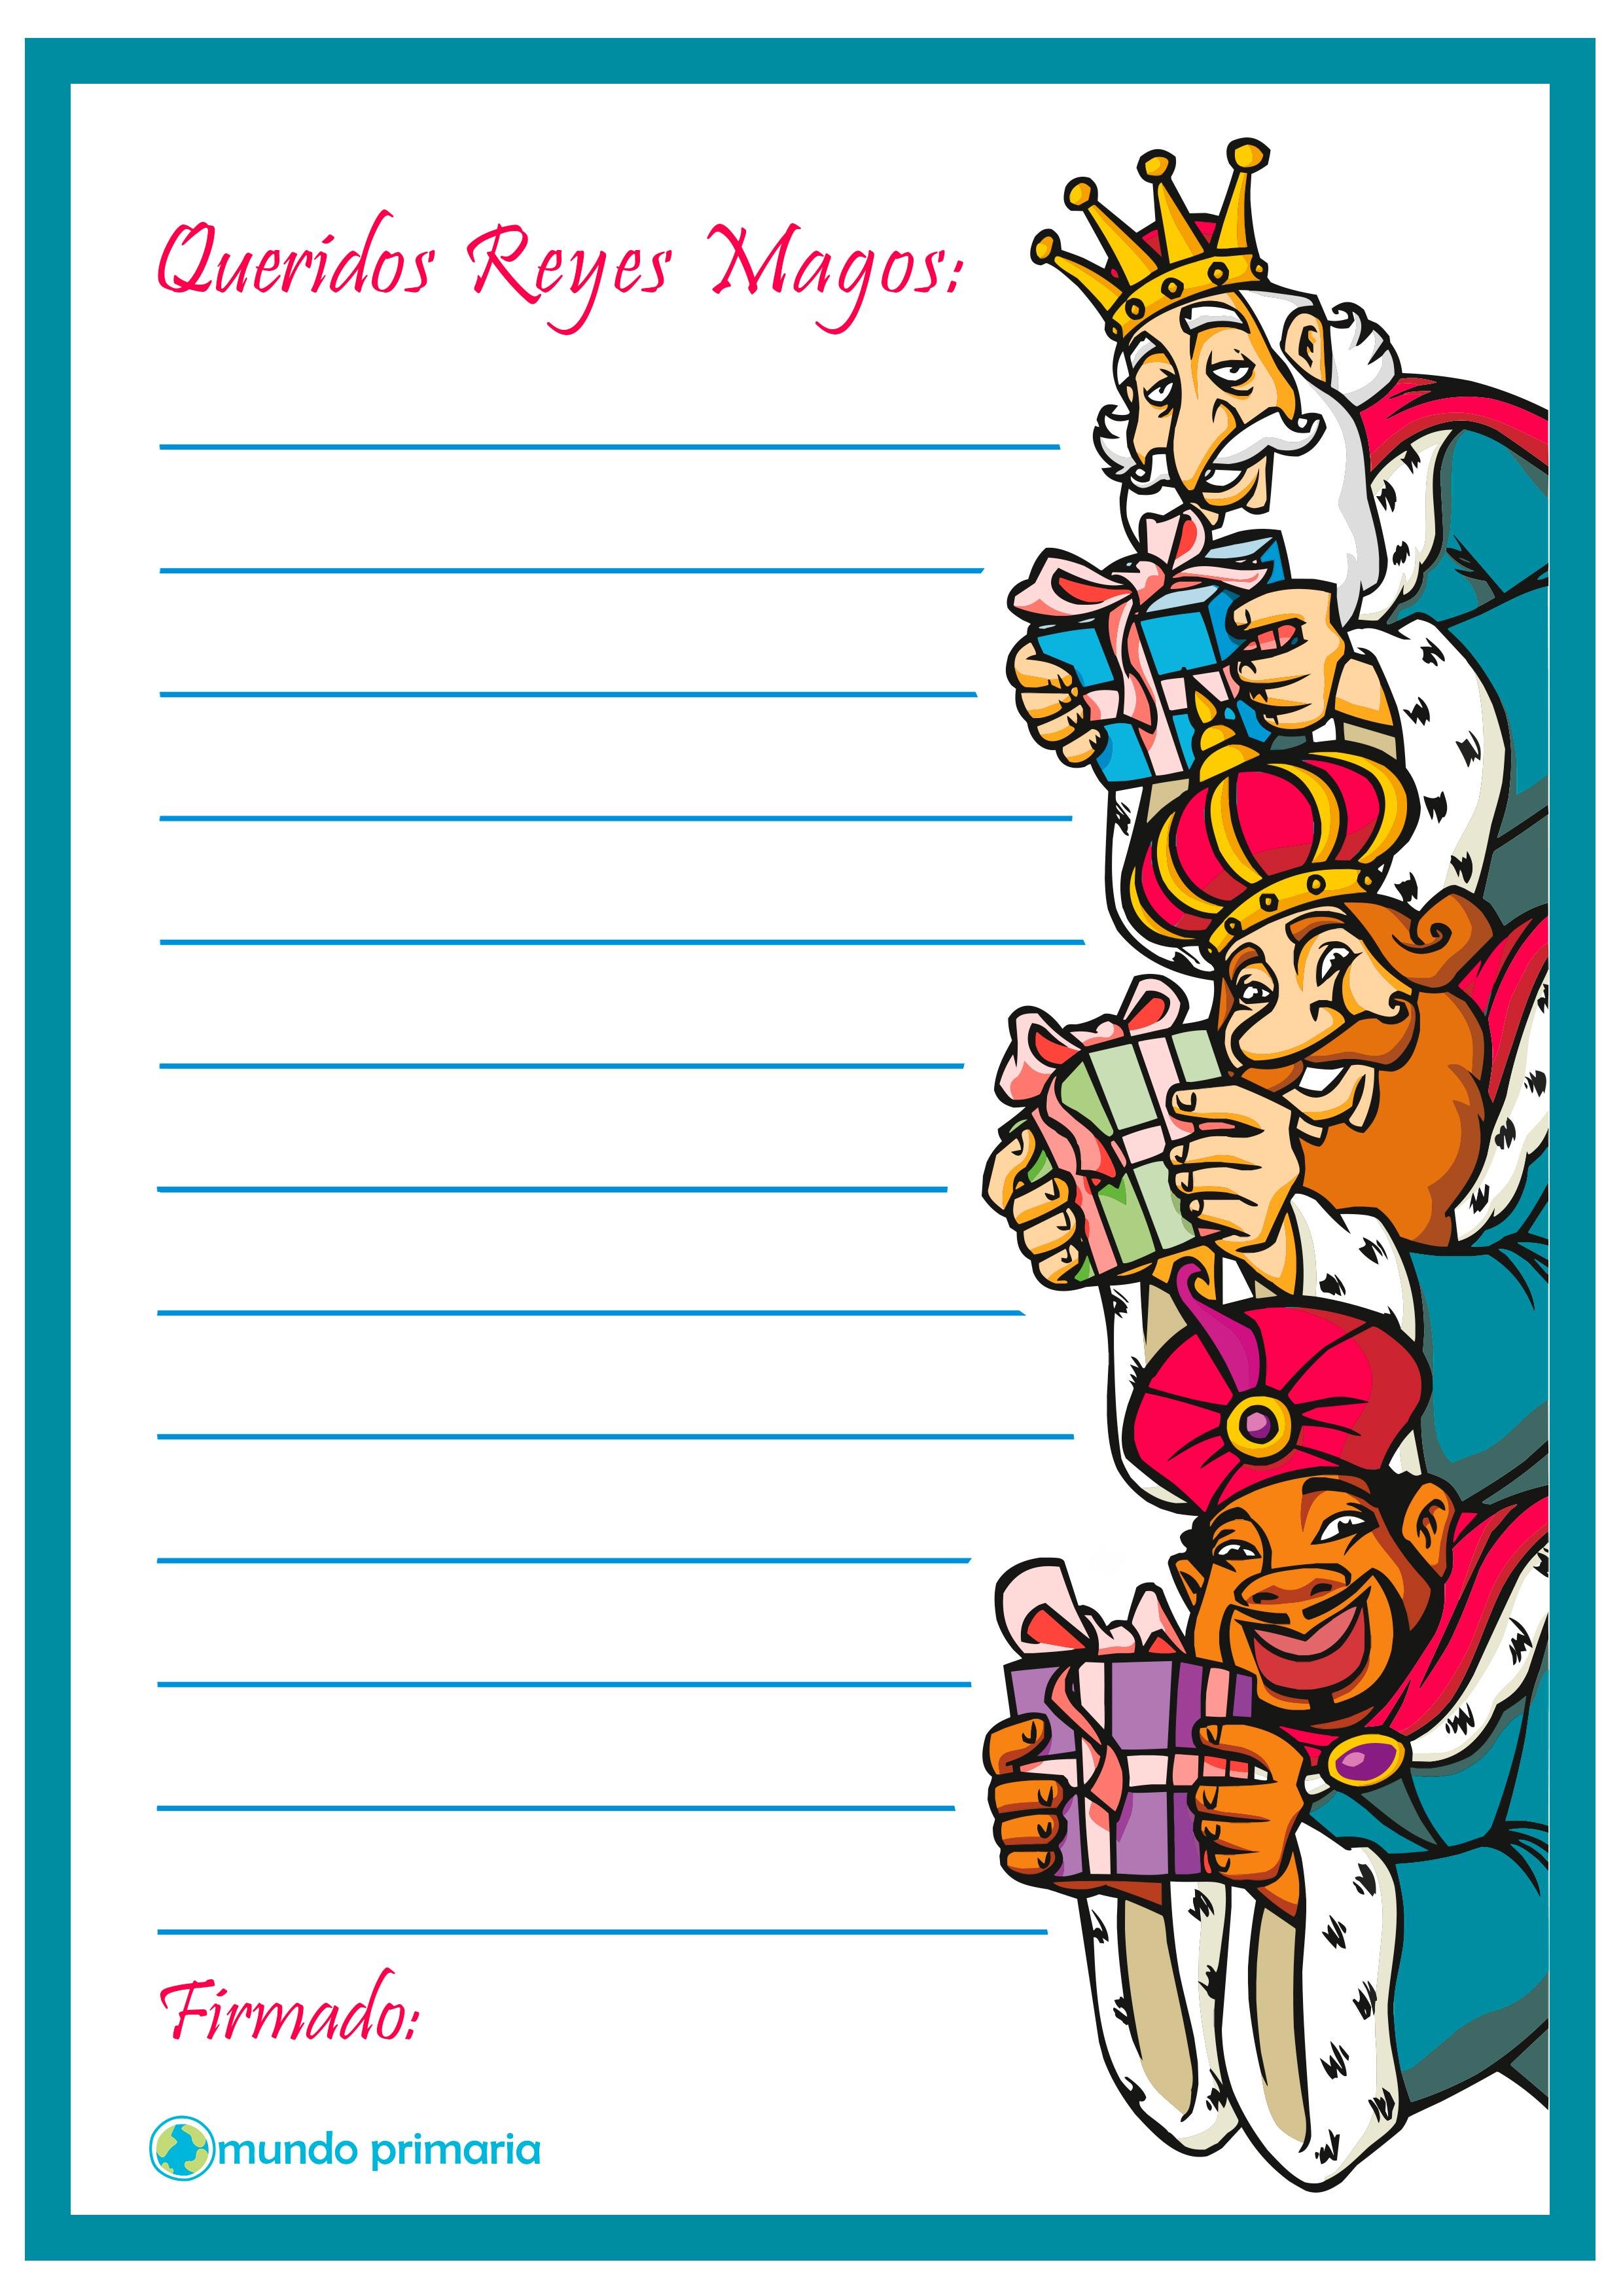 Cartas Para Imprimir y Para Enviar a Los Reyes Magos